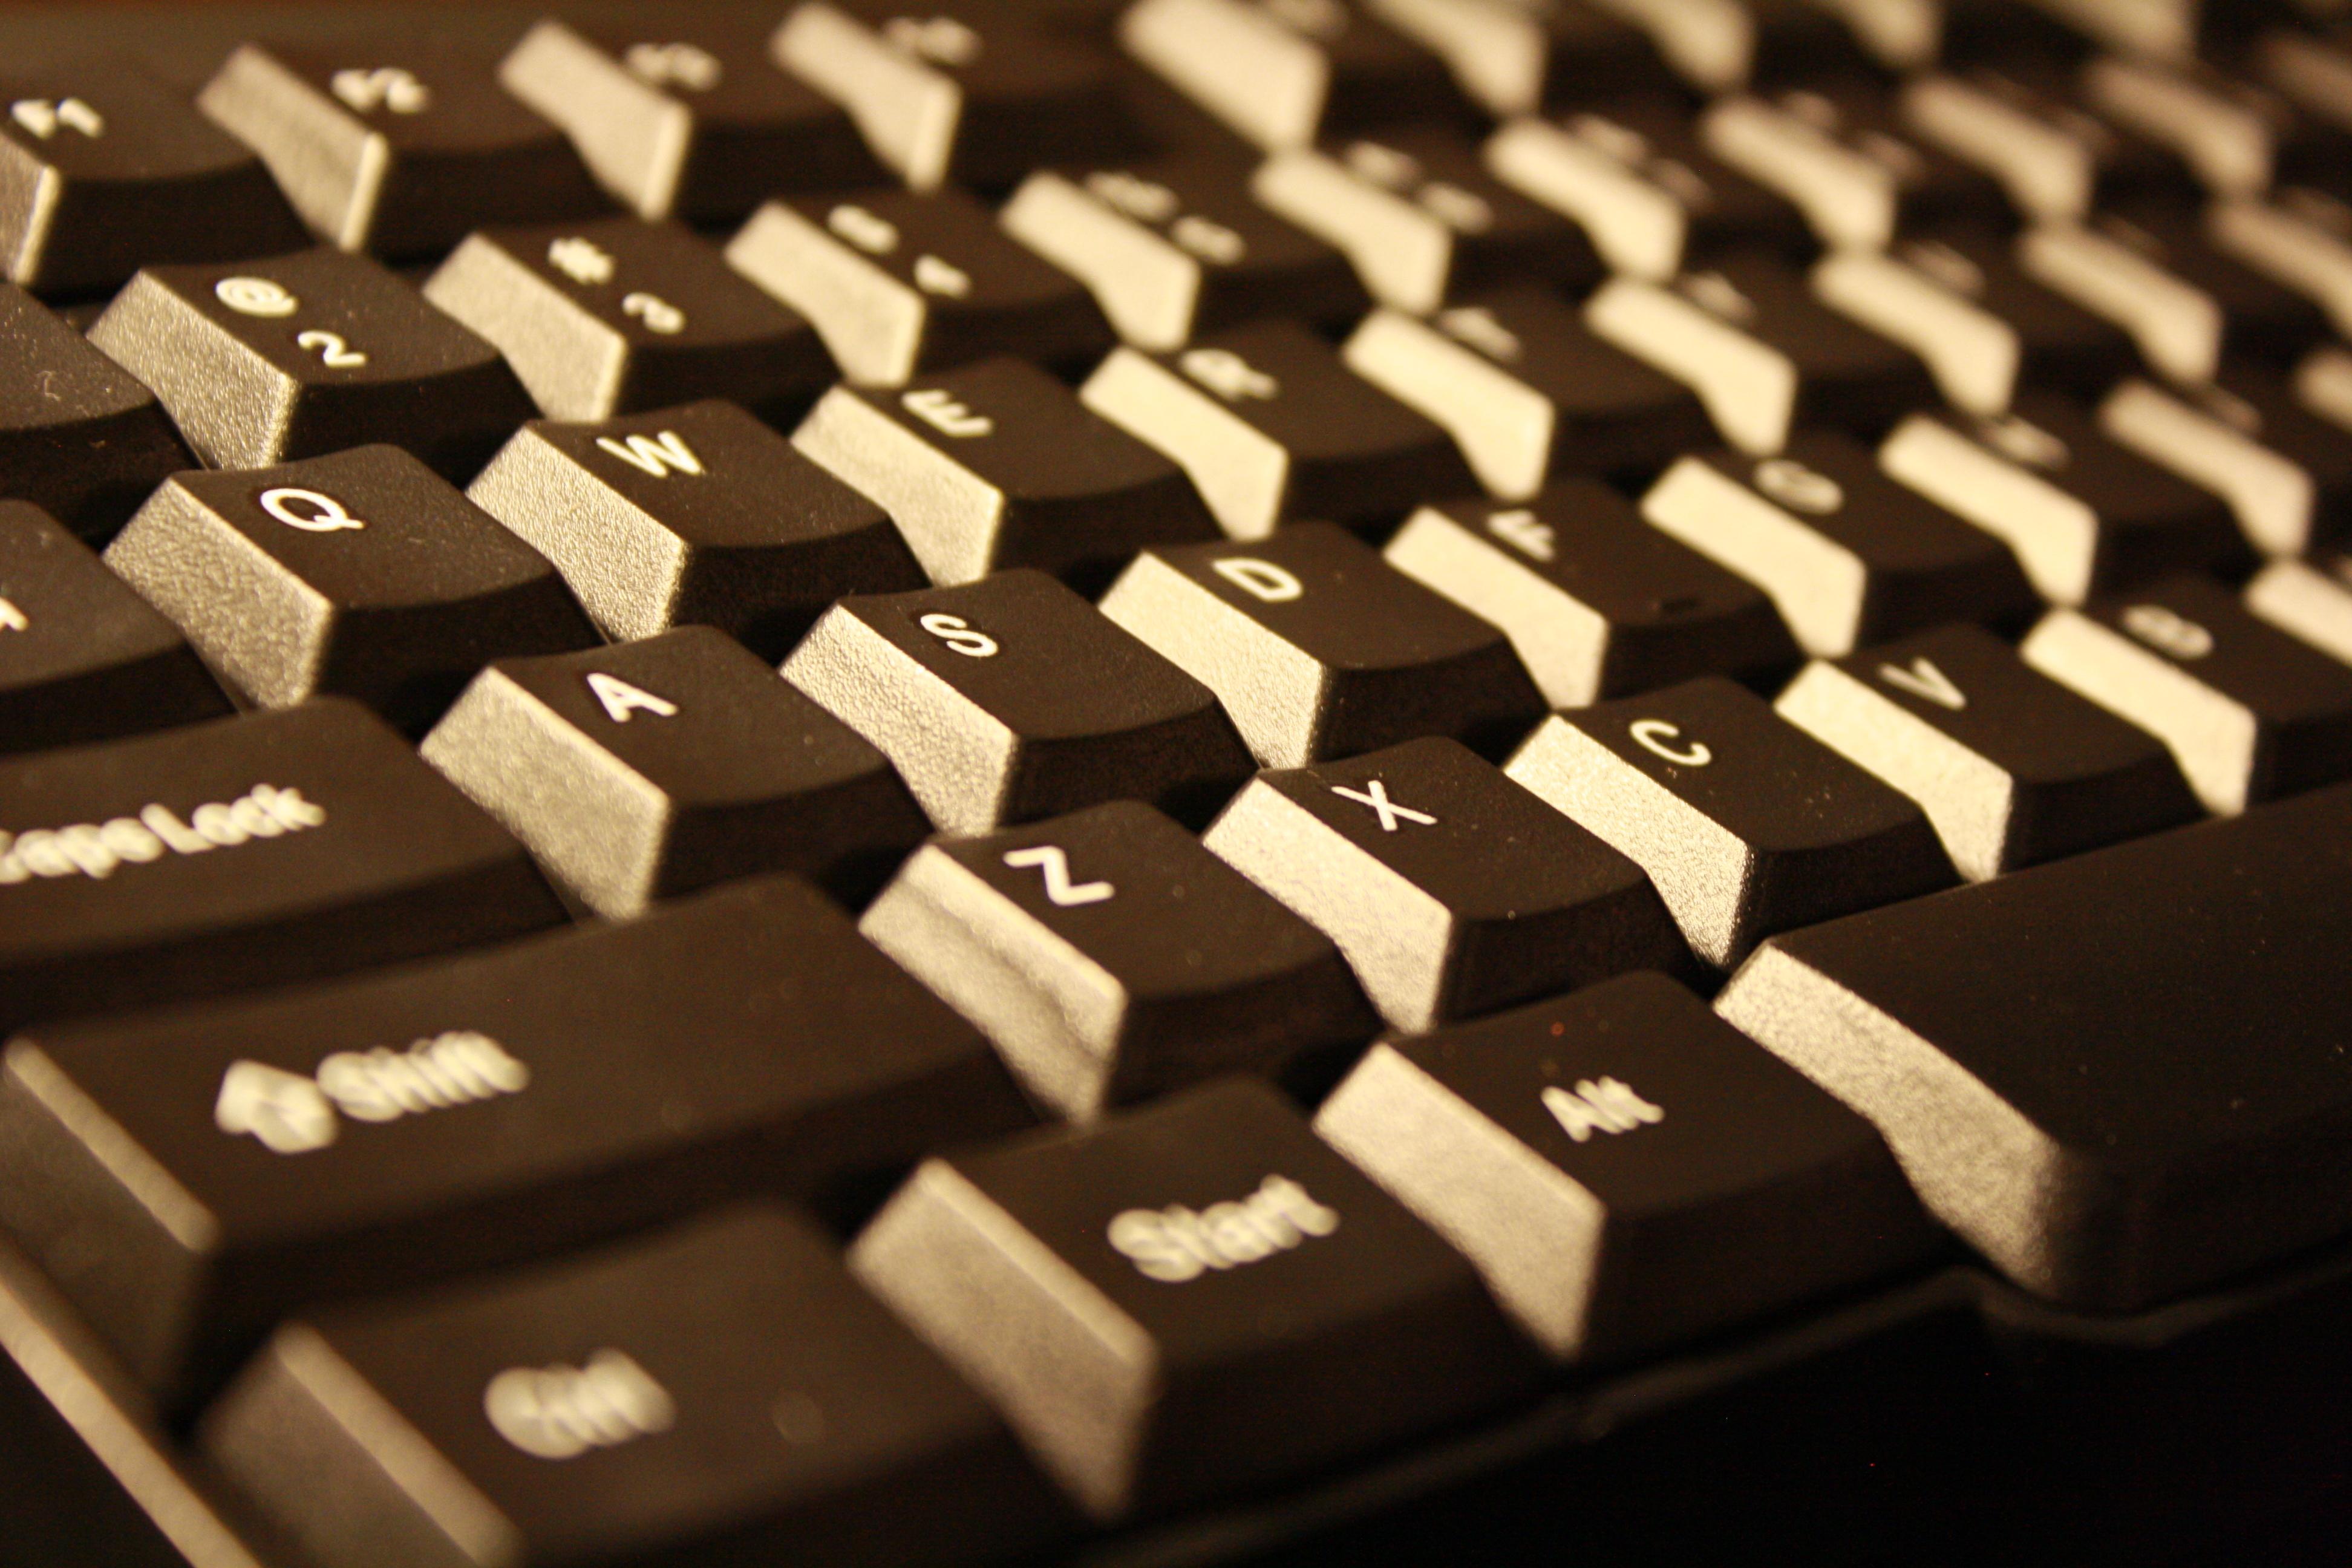 йцукен клавиатура картинки